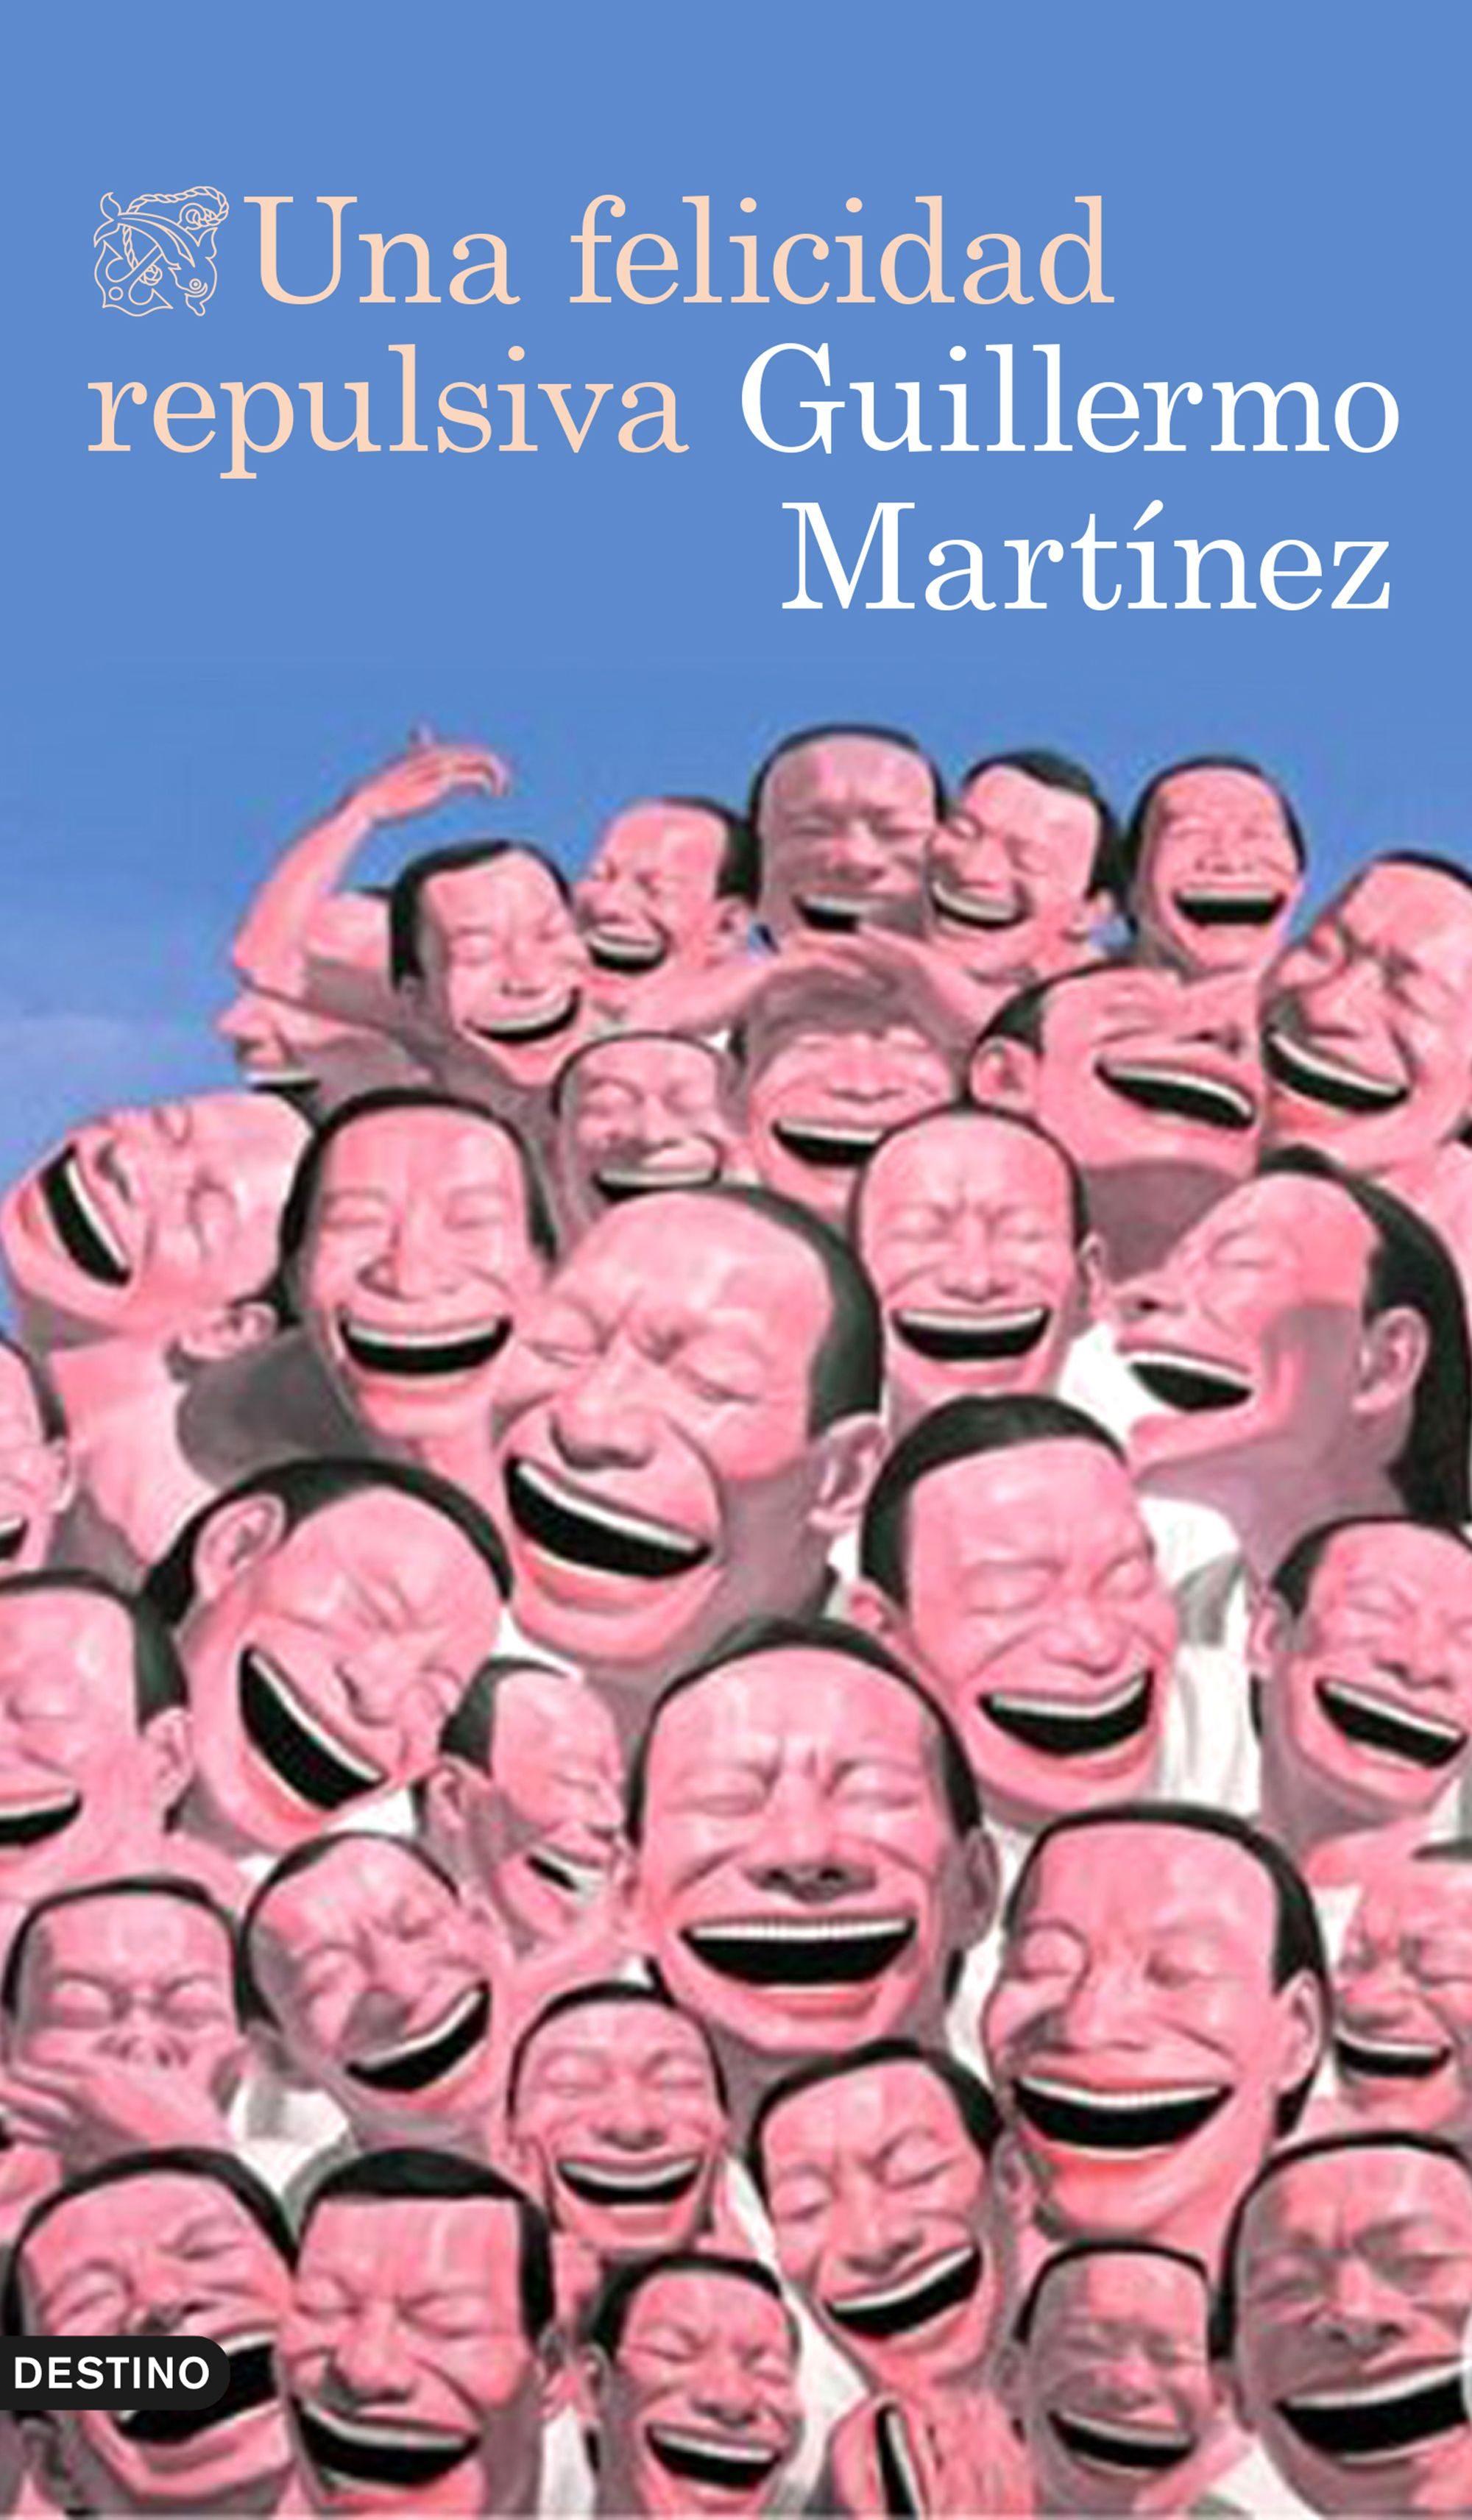 Una Felicidad Repulsivaguillermo Martinez9788423349319